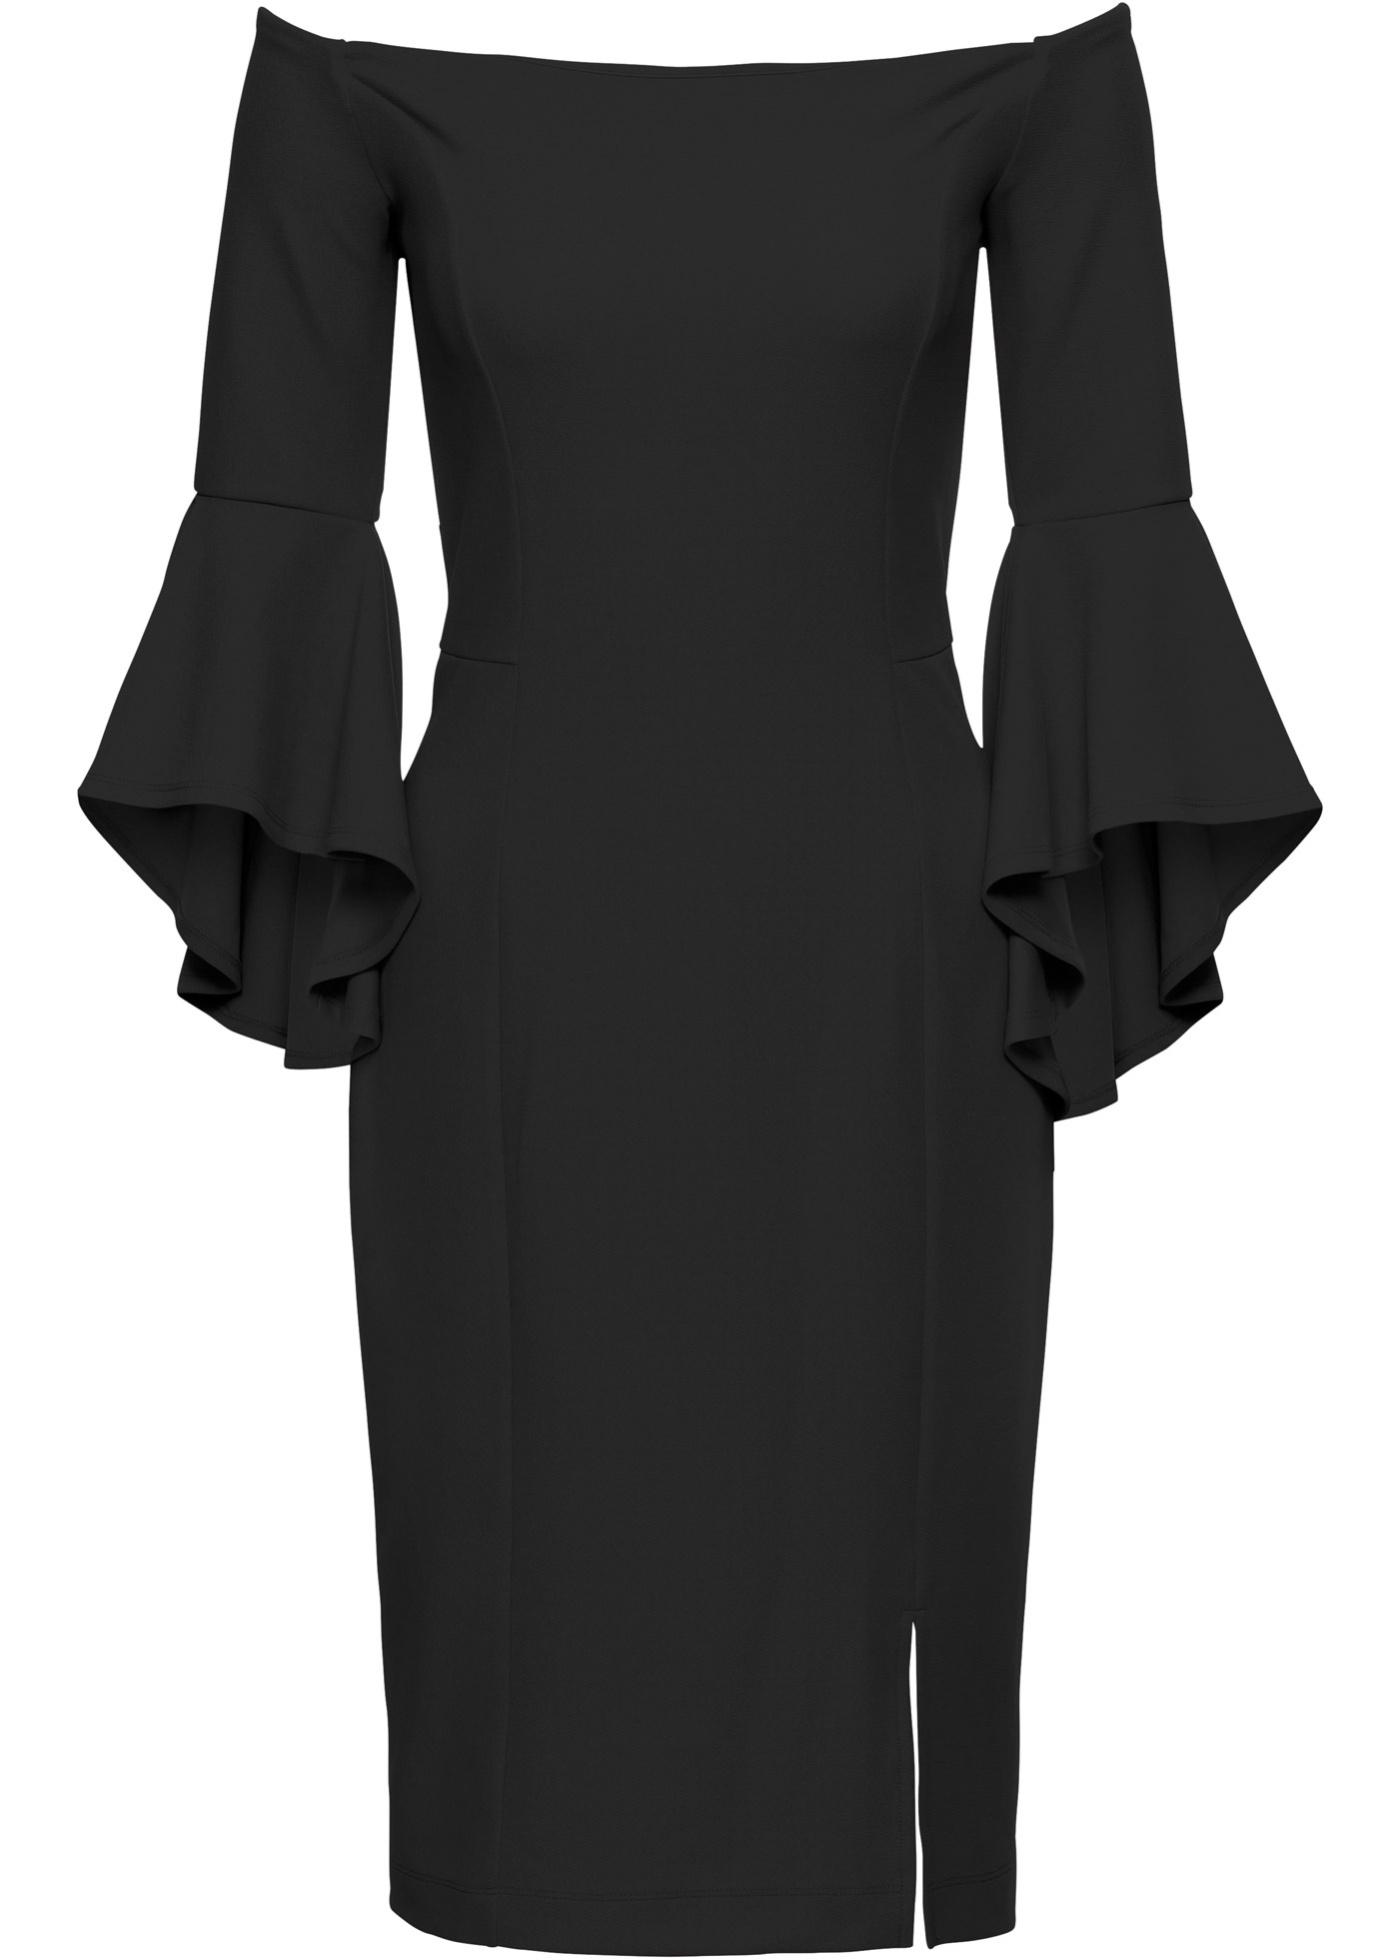 d2e2da9d55857 BODYFLIRT boutique Carmen-Kleid mit Trompetenärmeln in schwarz für ...